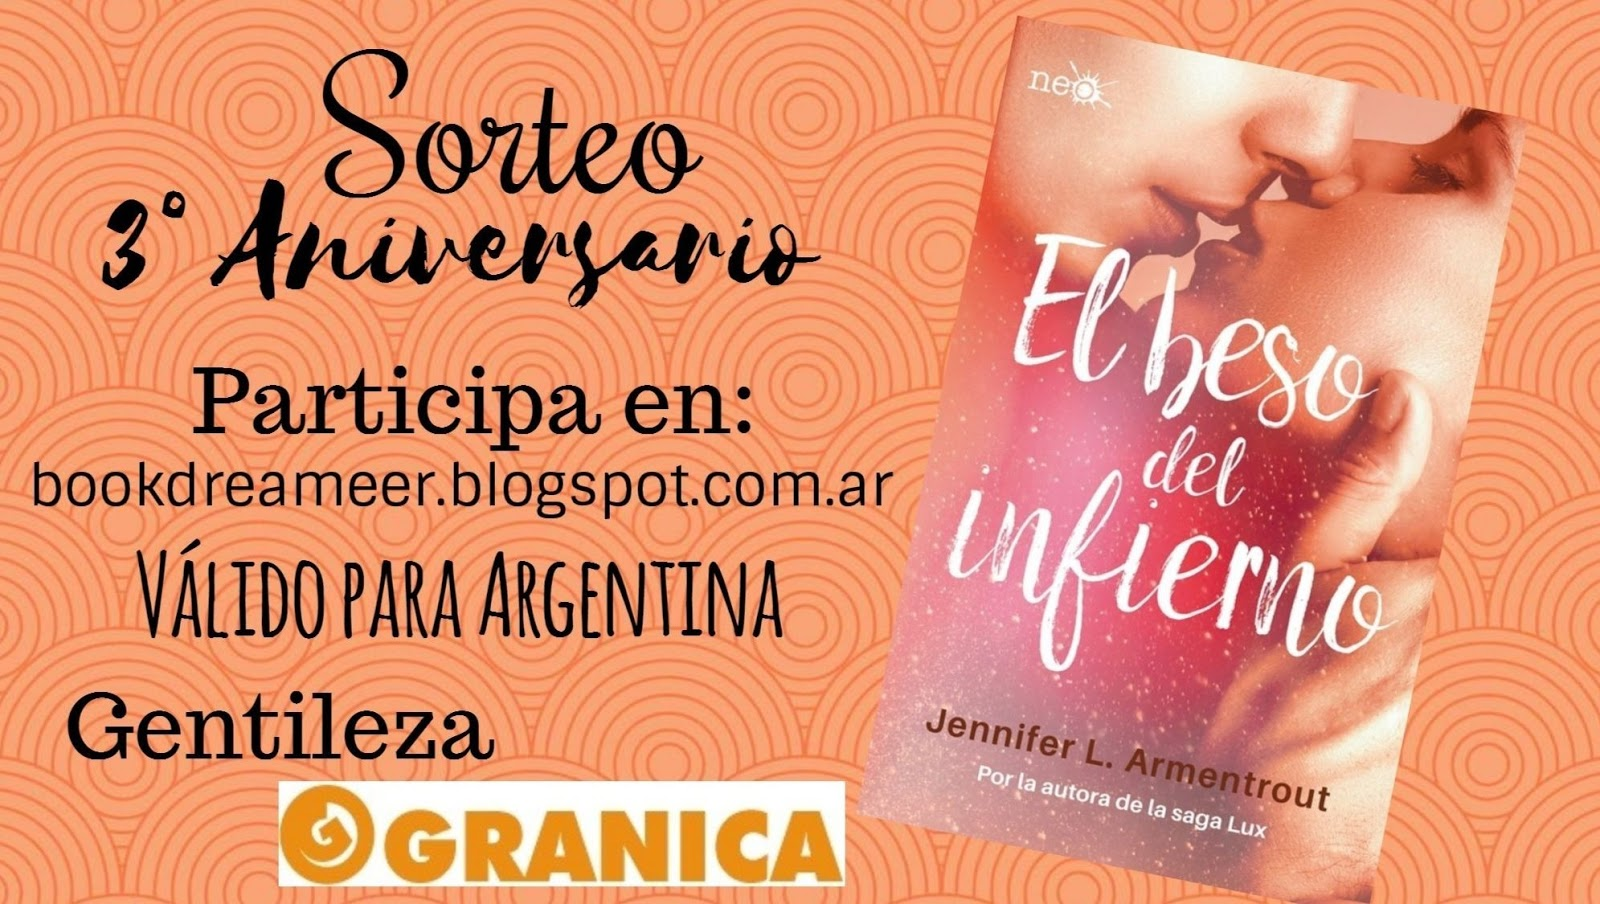 https://bookdreameer.blogspot.com/2017/07/sorteo-3-aniversario-el-beso-del.html